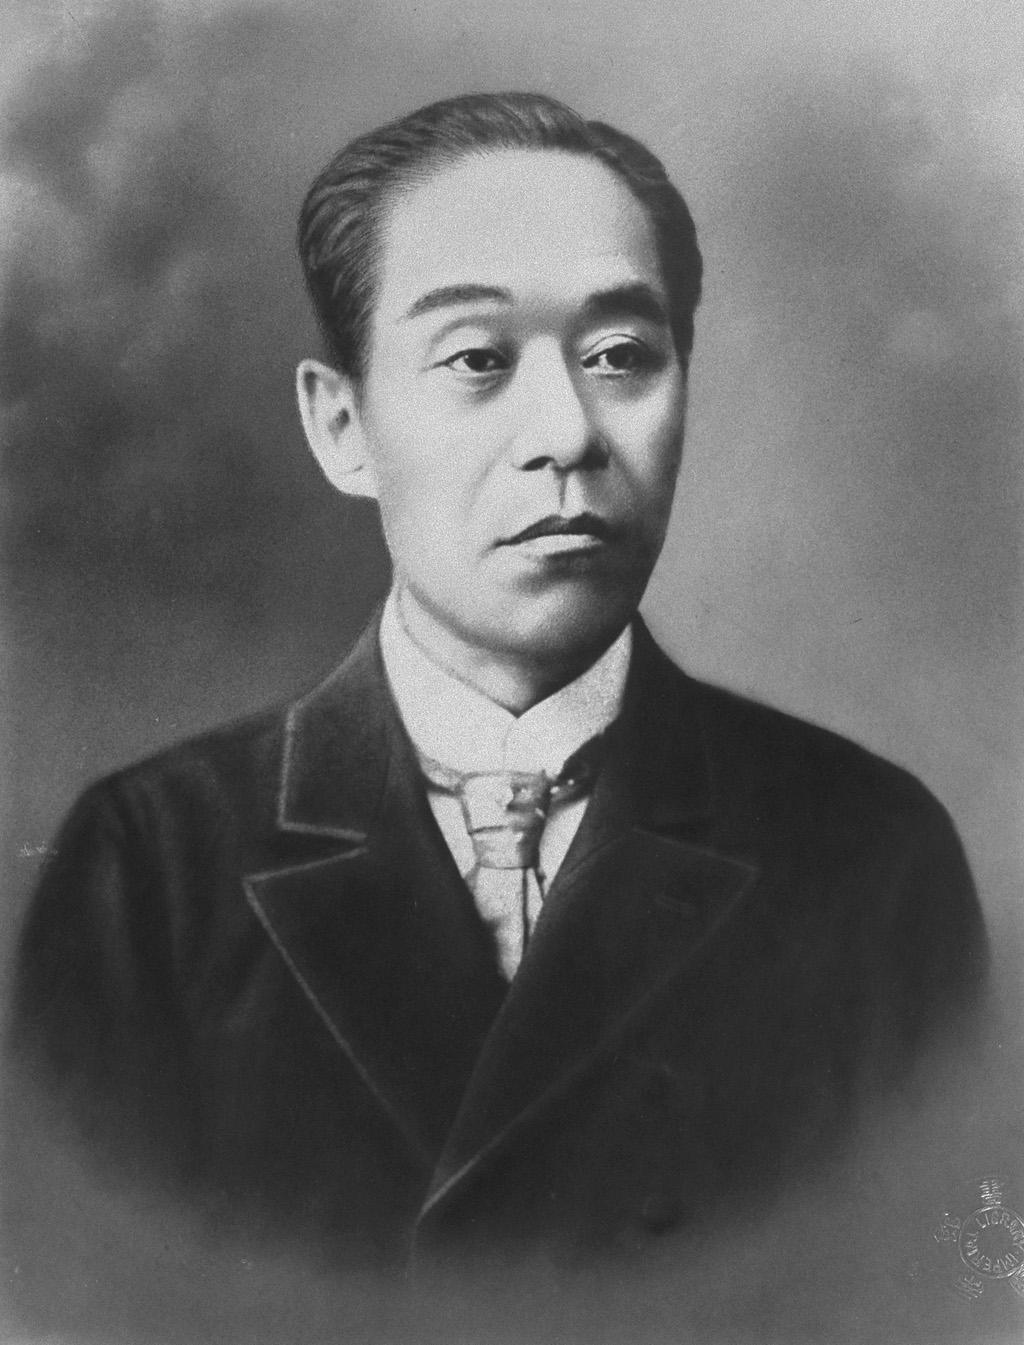 福澤諭吉 カレー